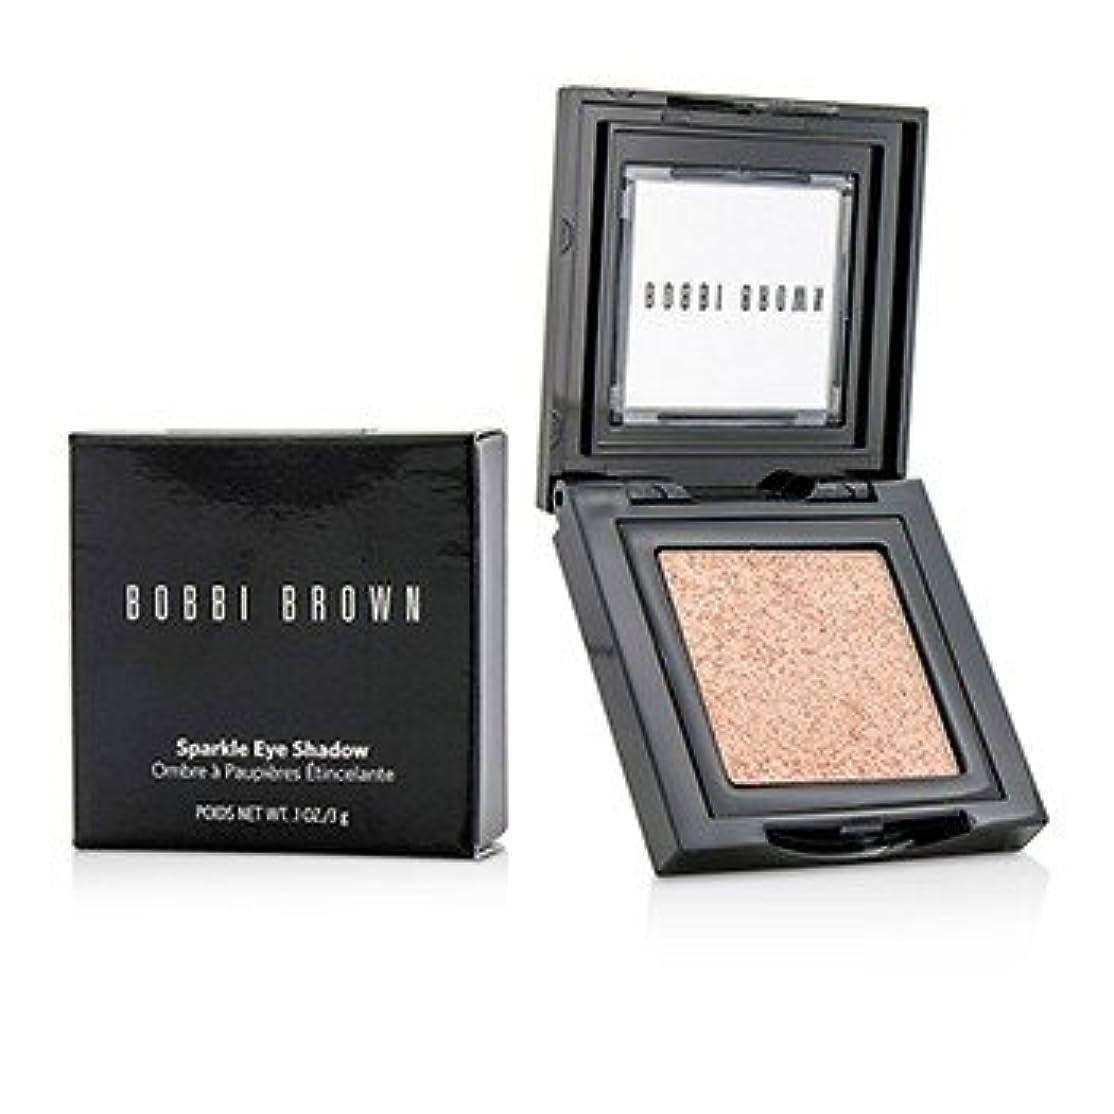 ルーキー死レース[Bobbi Brown] Sparkle Eye Shadow - # 3 Ballet Pink 3g/0.1oz